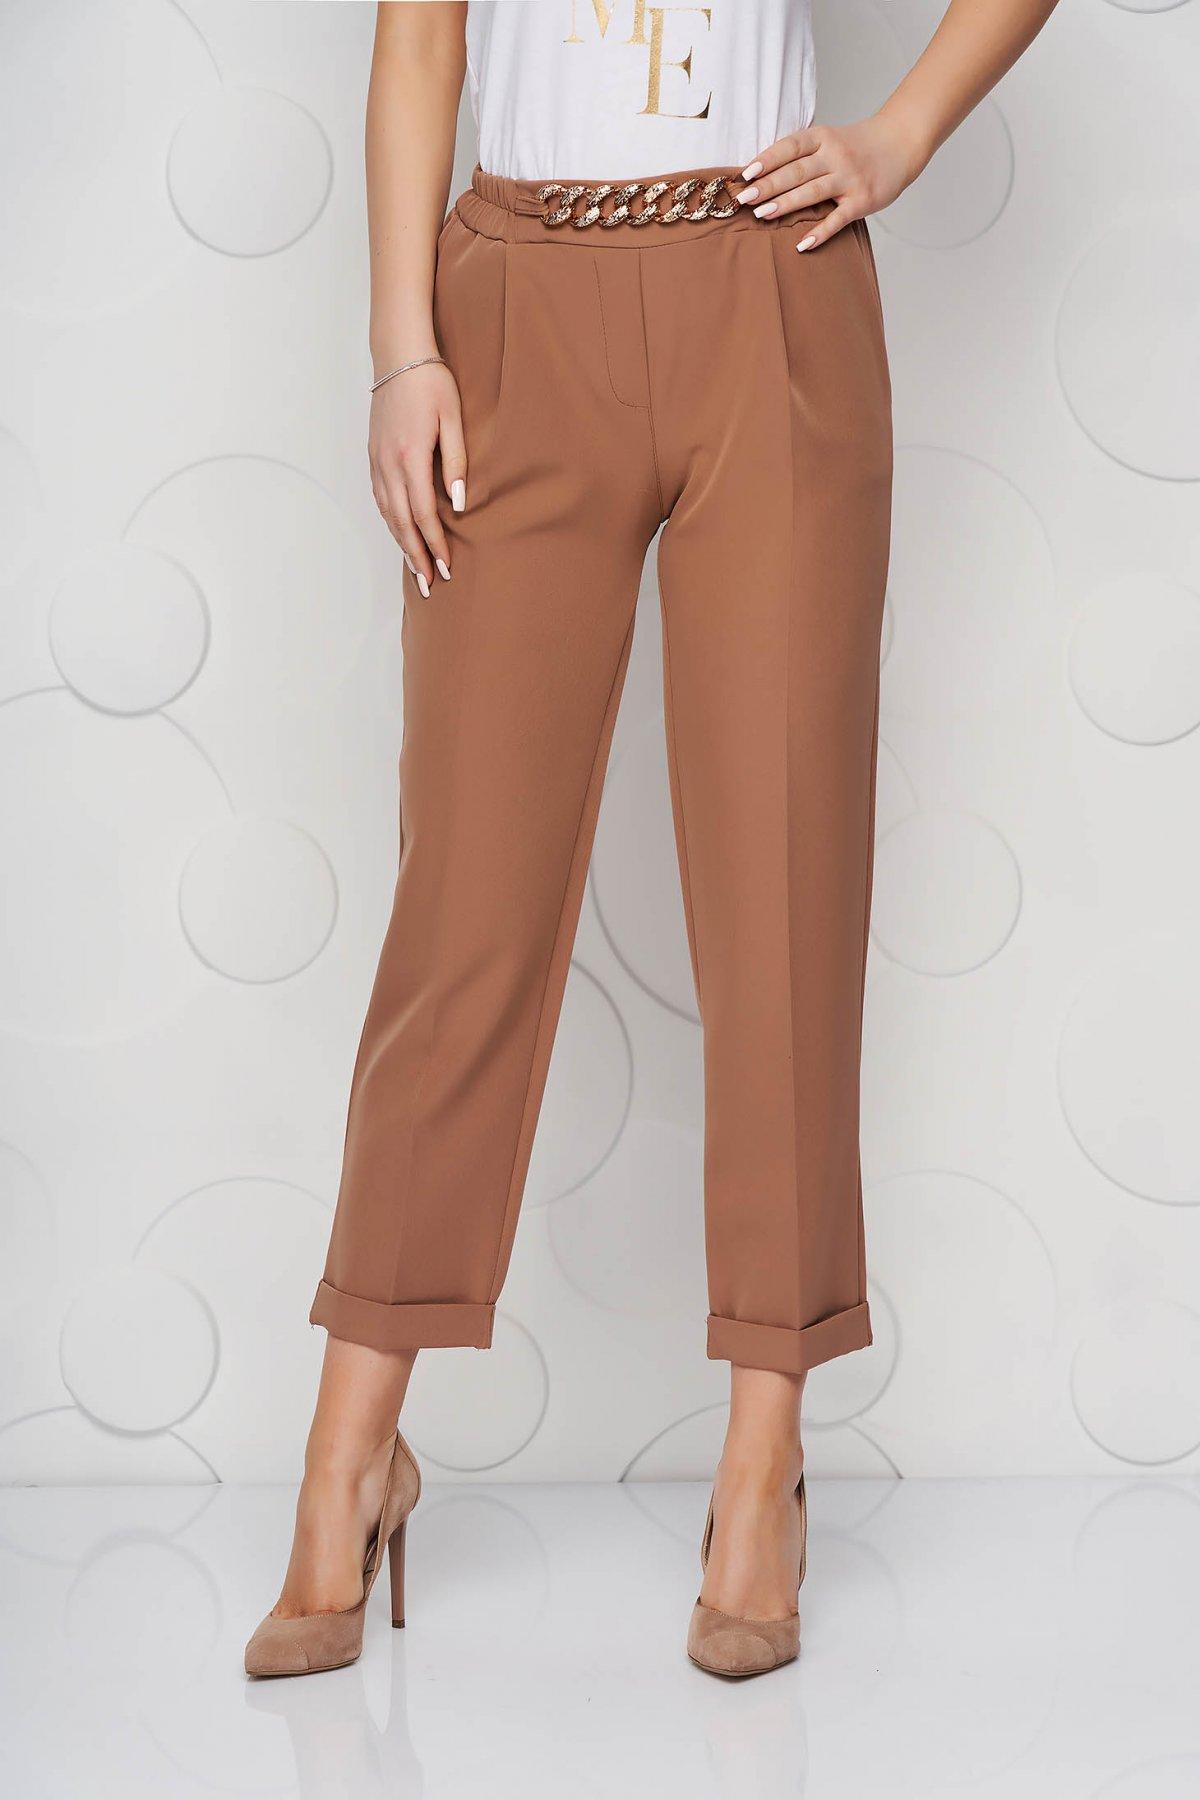 Pantaloni SunShine cappuccino din material neelastic cu croi larg accesorizat cu lant metalic